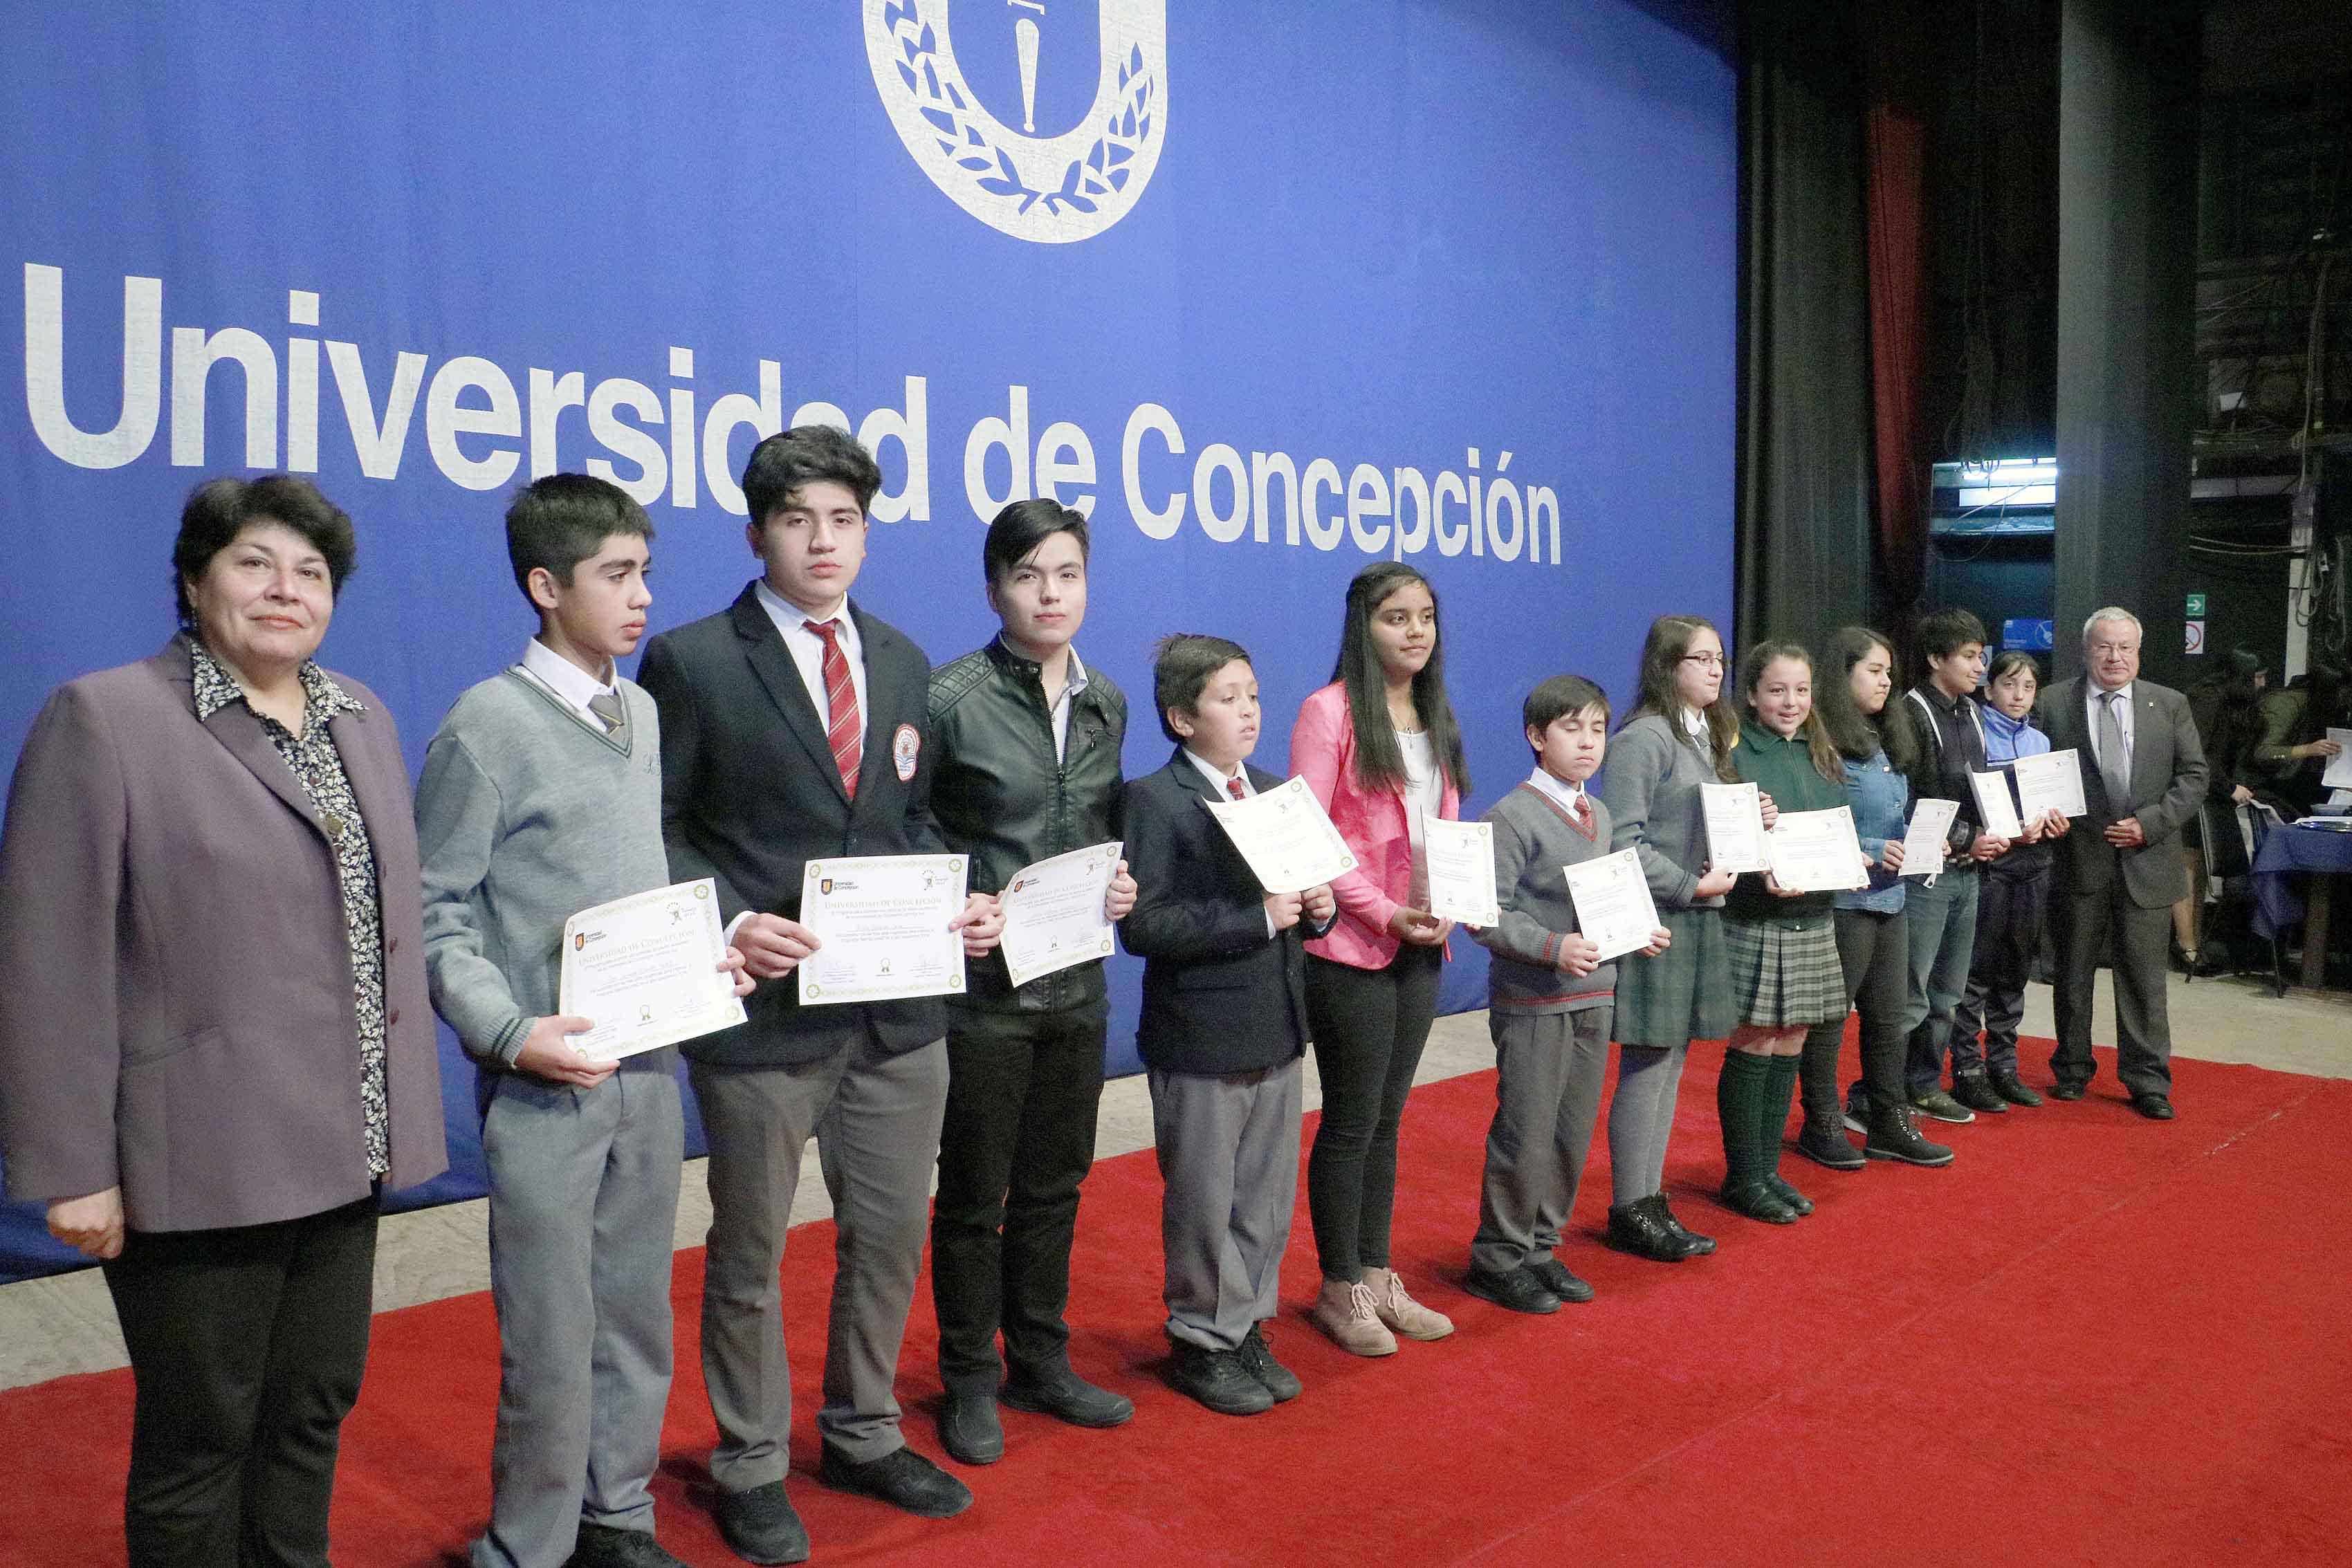 Talentos UdeC recibió a 95 nuevos estudiantes en su inauguración de año académico